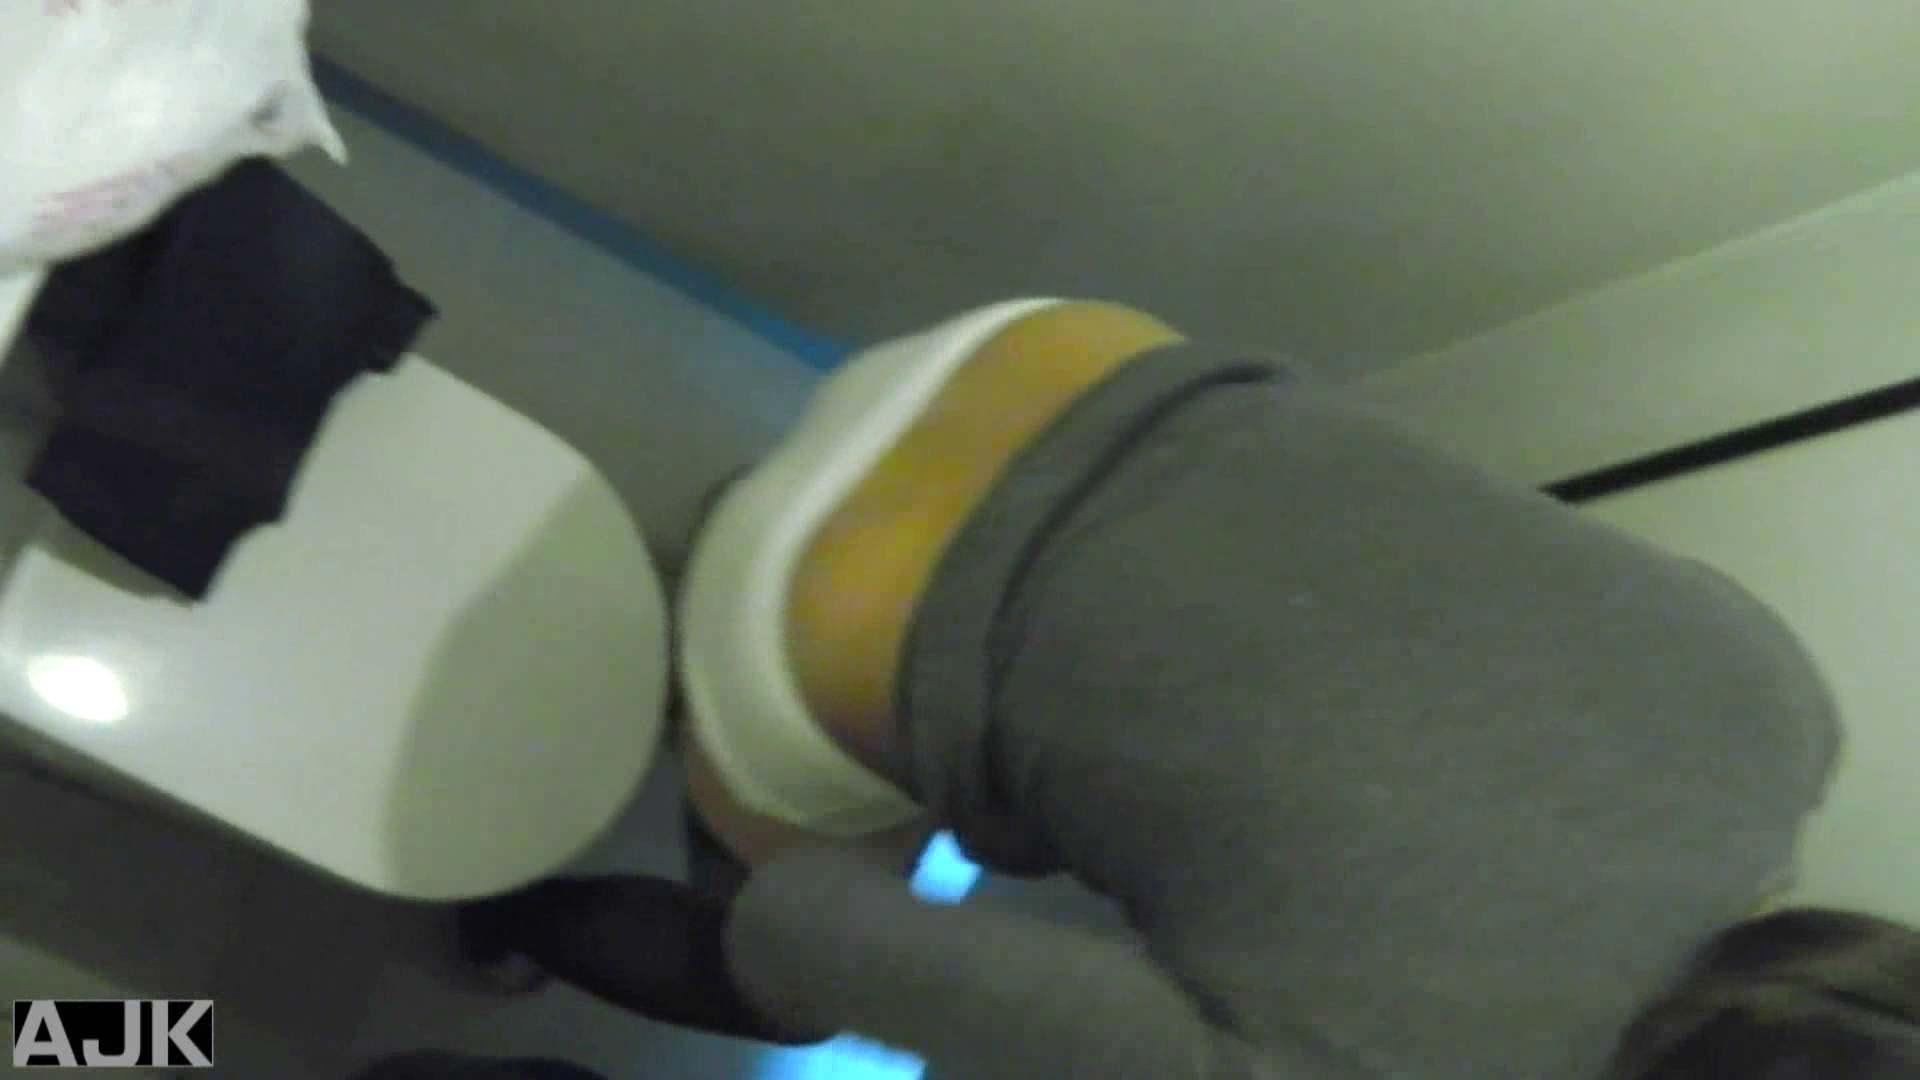 隣国上階級エリアの令嬢たちが集うデパートお手洗い Vol.21 マンコ 濡れ場動画紹介 110枚 48